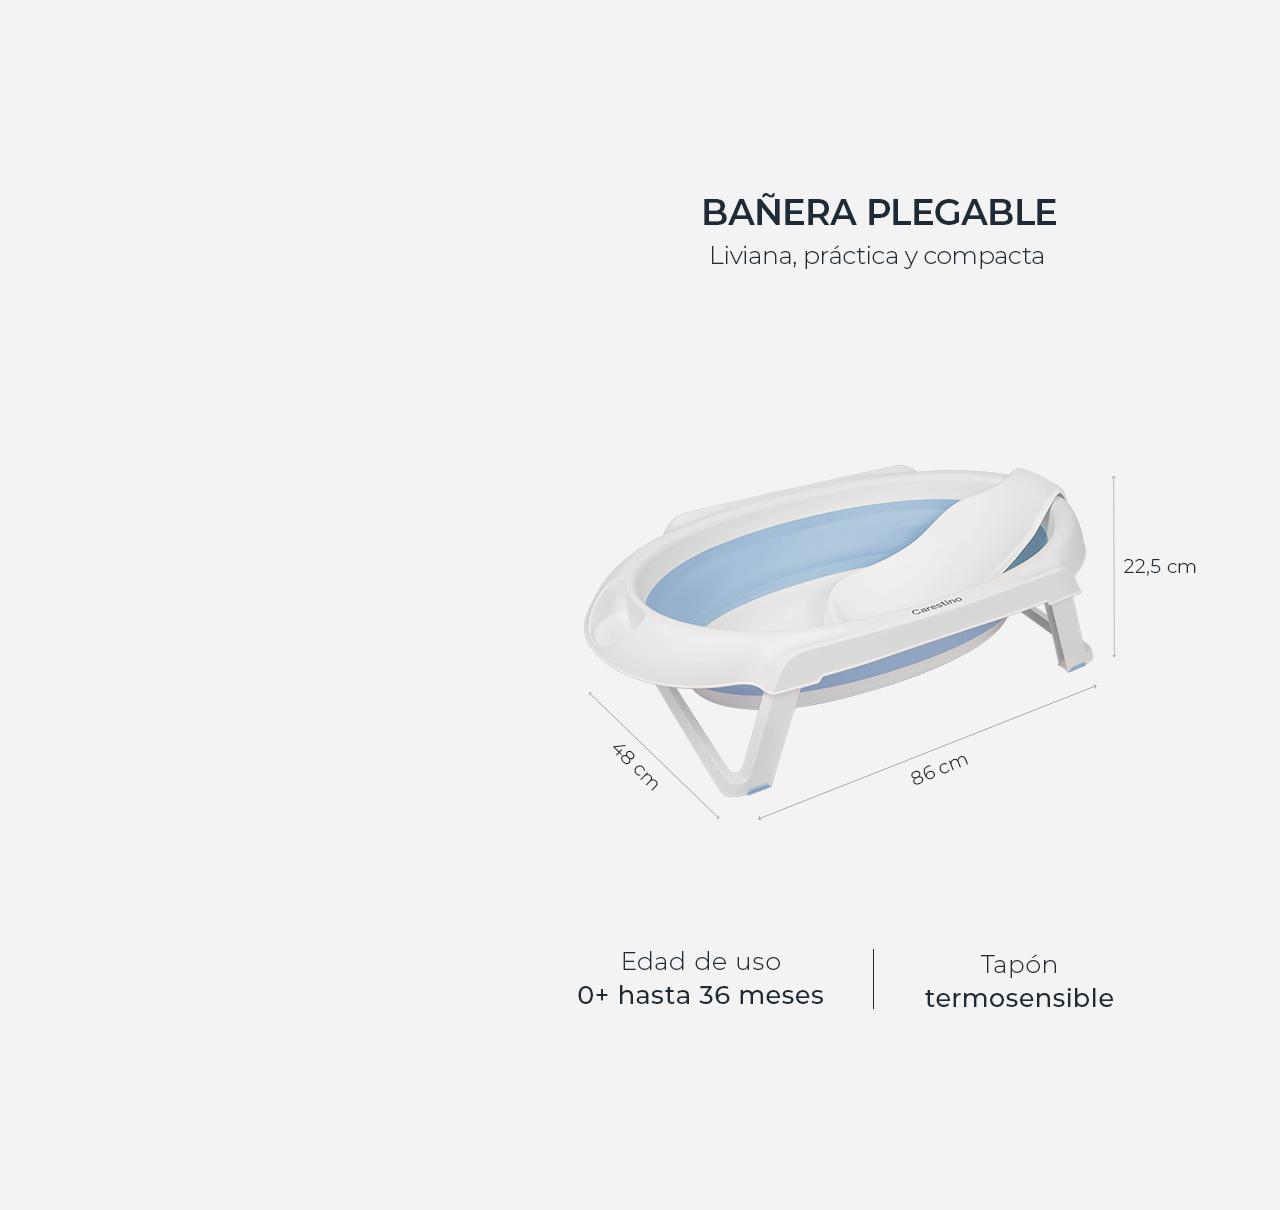 Bañera Plegable con Soporte Rosa imagen 11